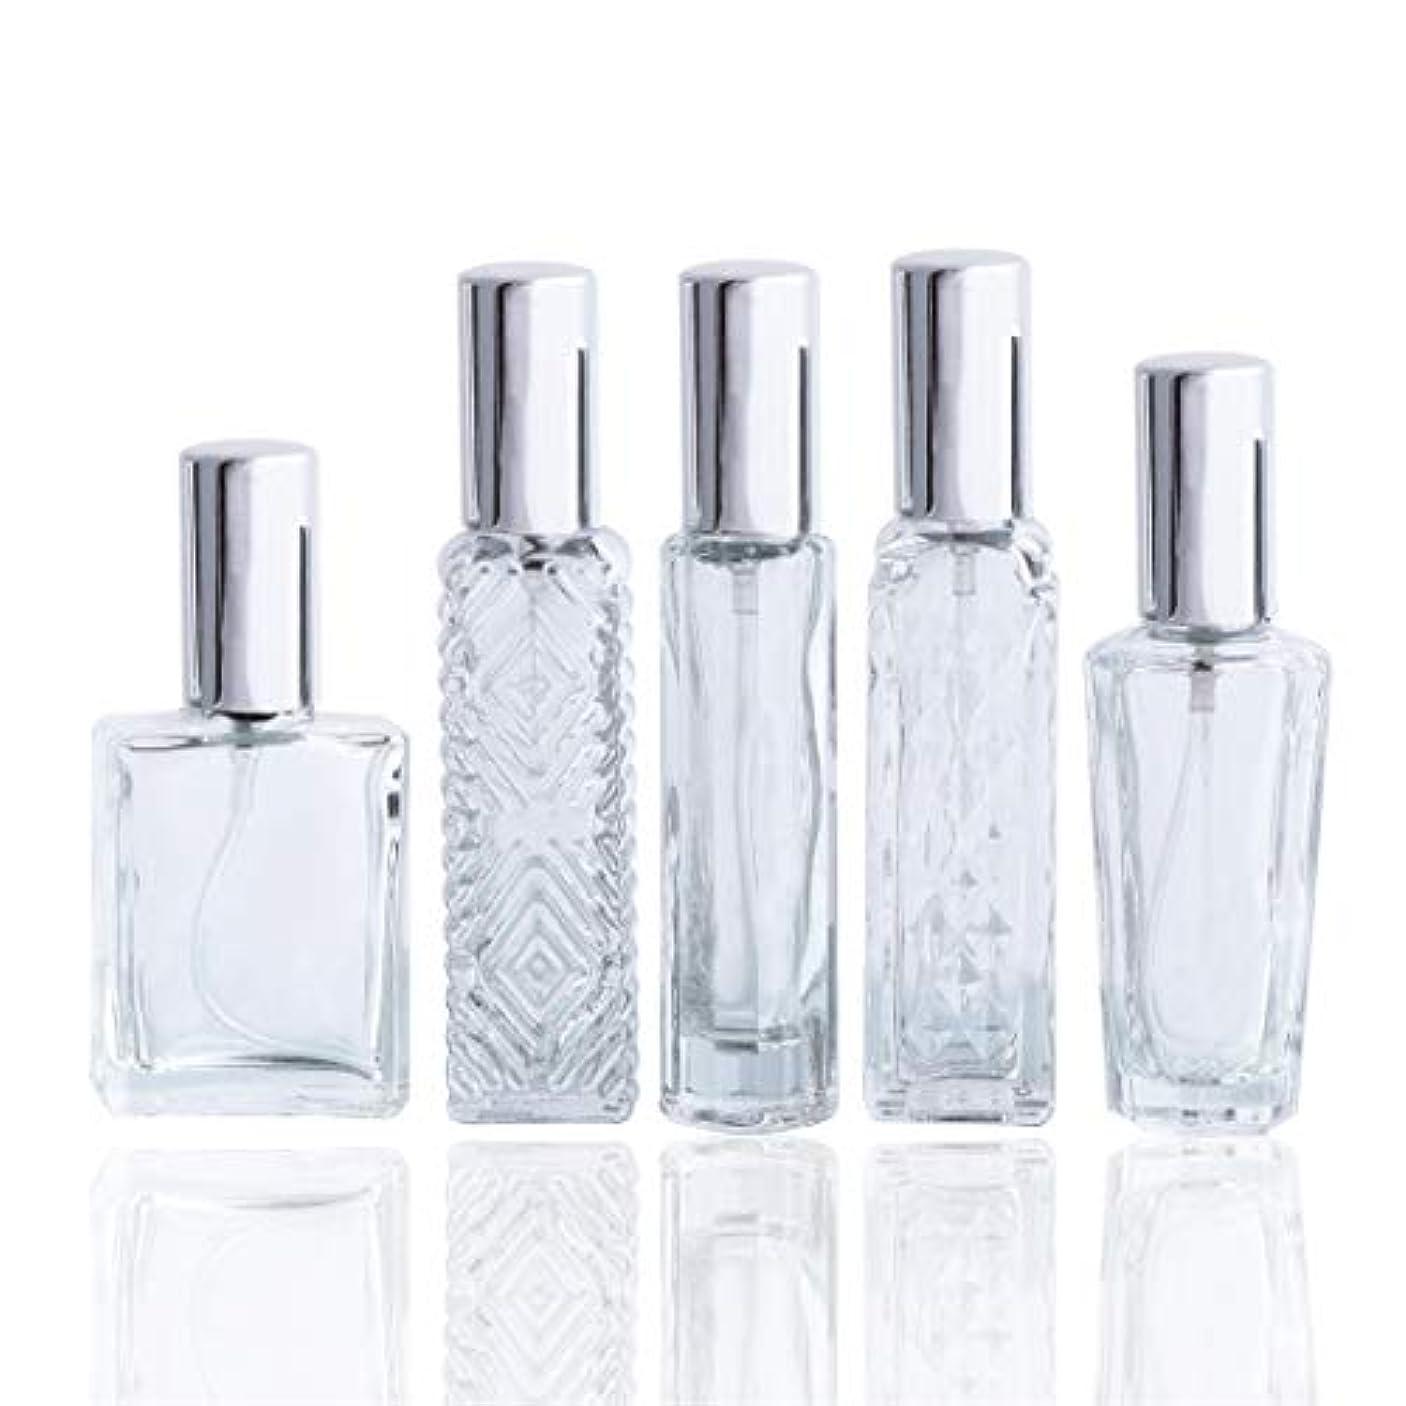 ワーディアンケース患者歌詞Waltz&Fクリアガラススプレー香水瓶 空きフレグランスボトル詰替用瓶アトマイザー分け瓶 旅行用品 化粧水用瓶